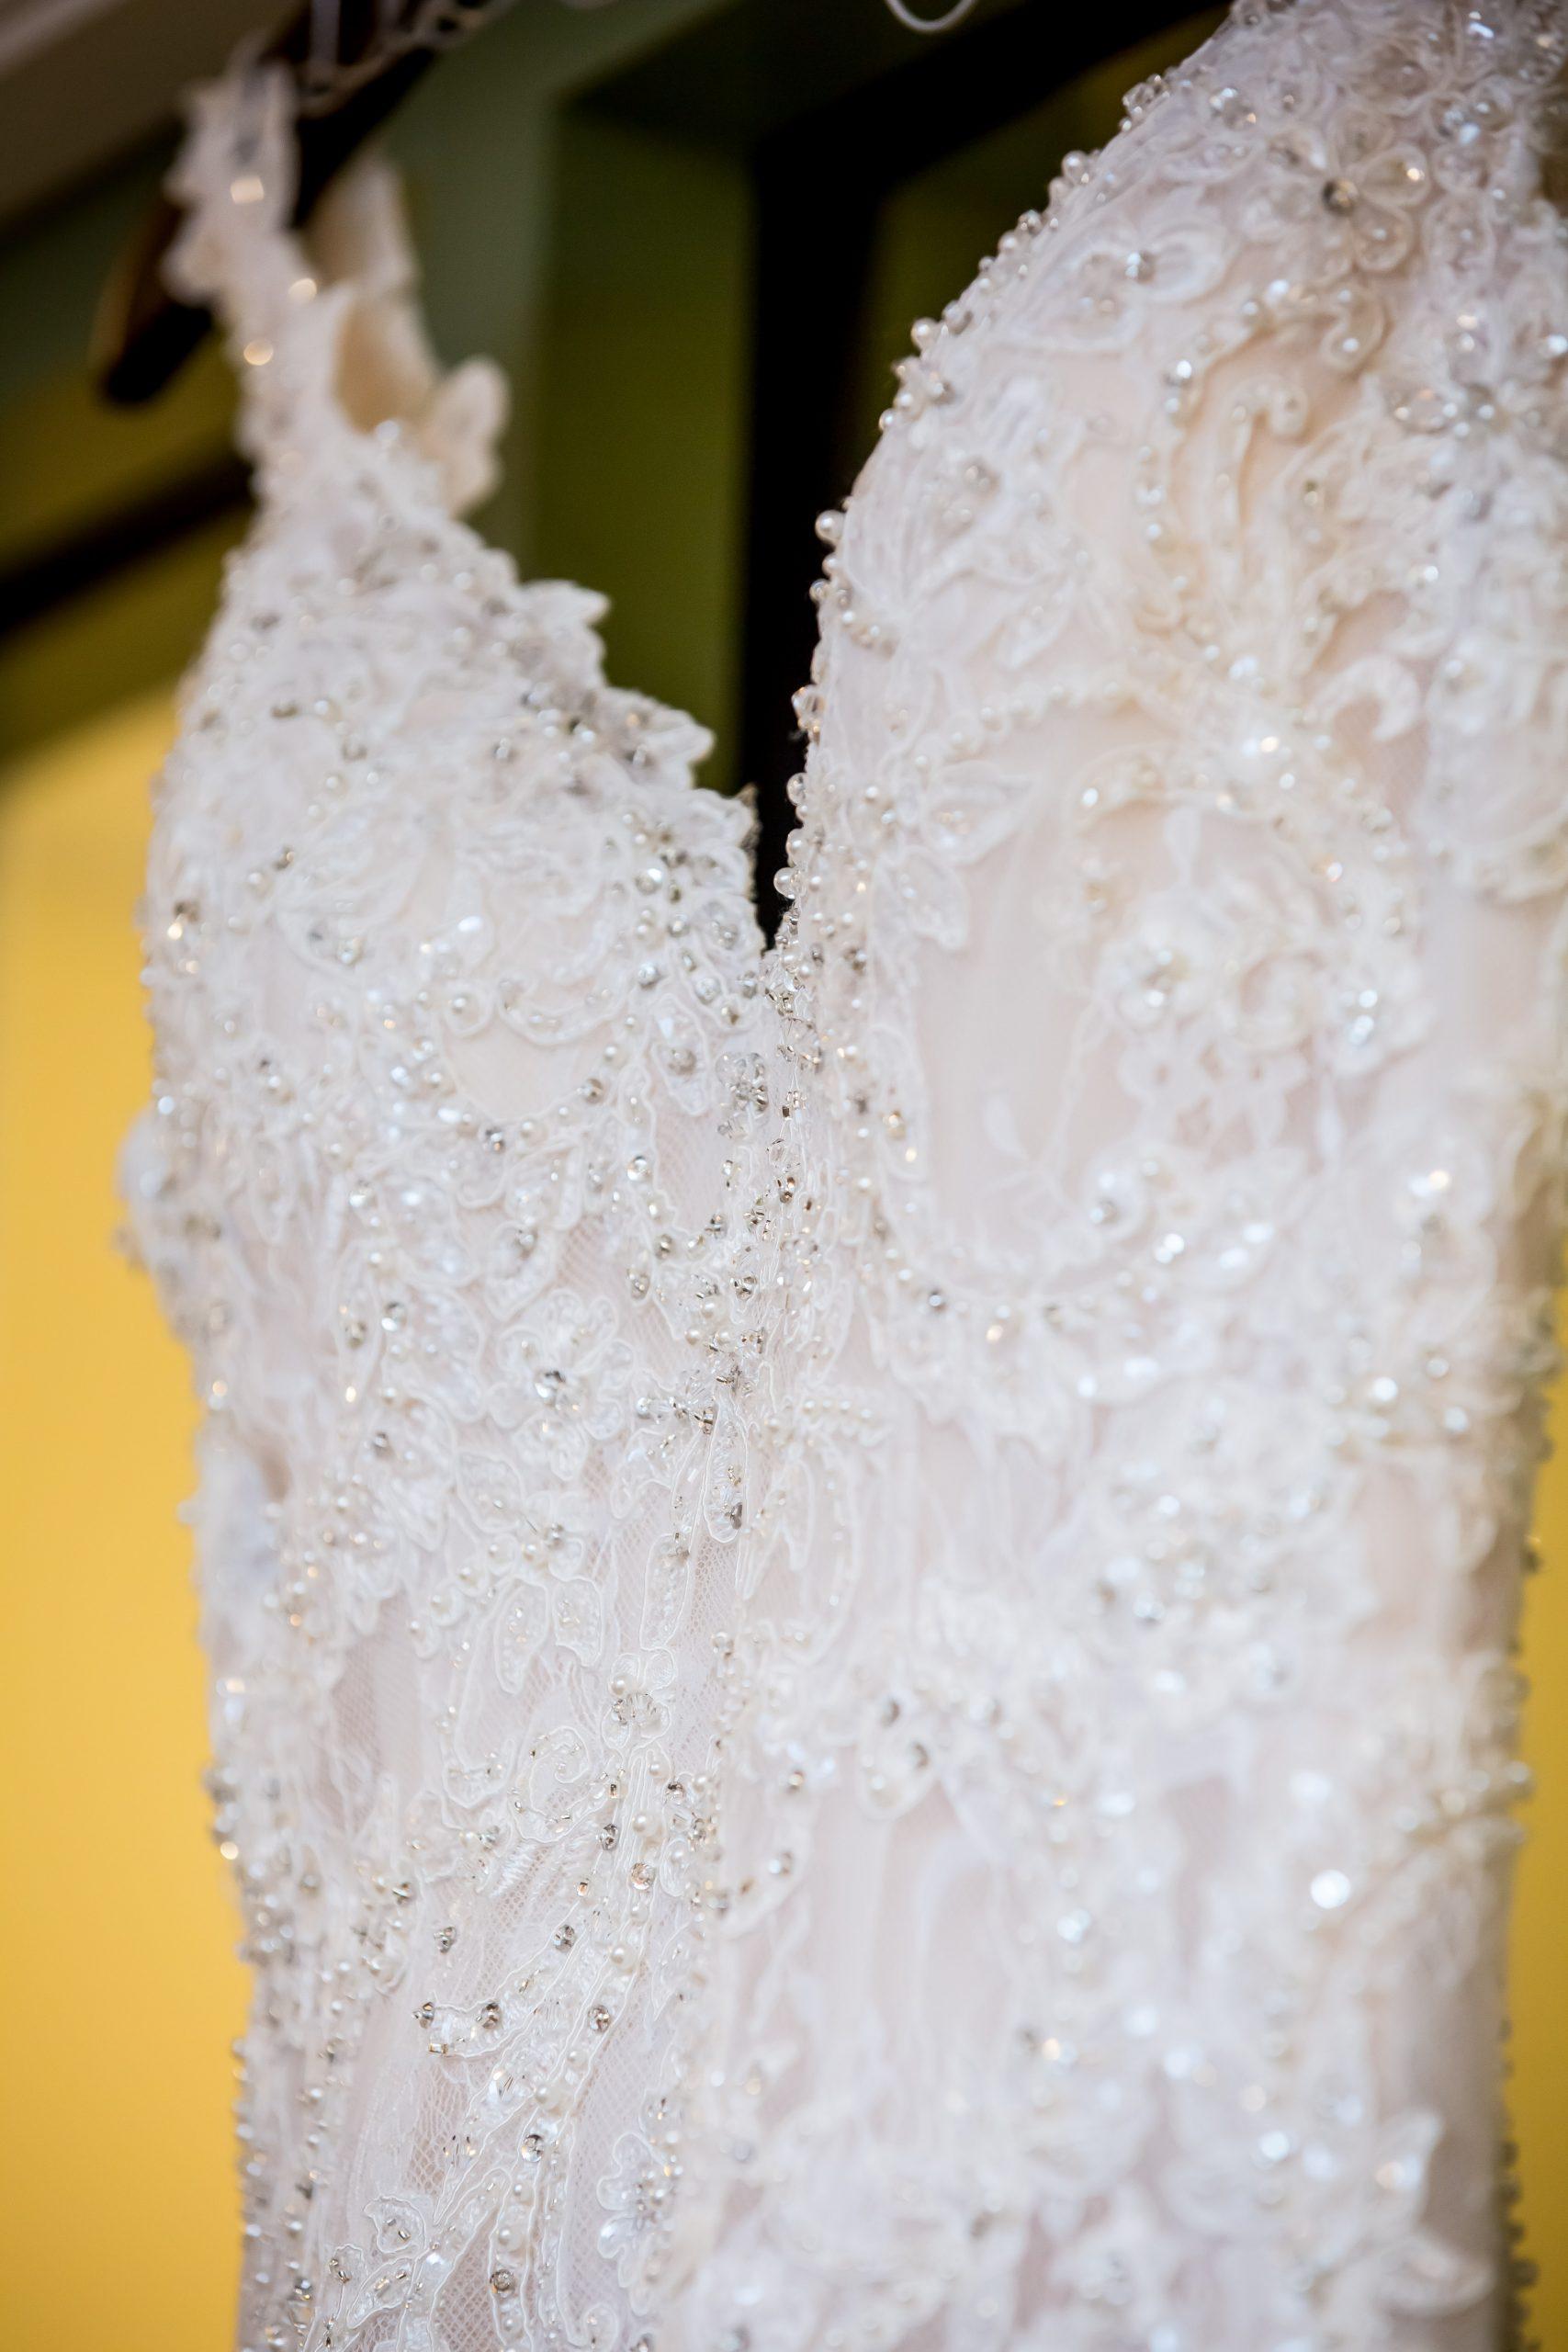 Bride,Candid,Ceremony,Family,Groom,Pre-Ceremony,Reception,Wedding Party,